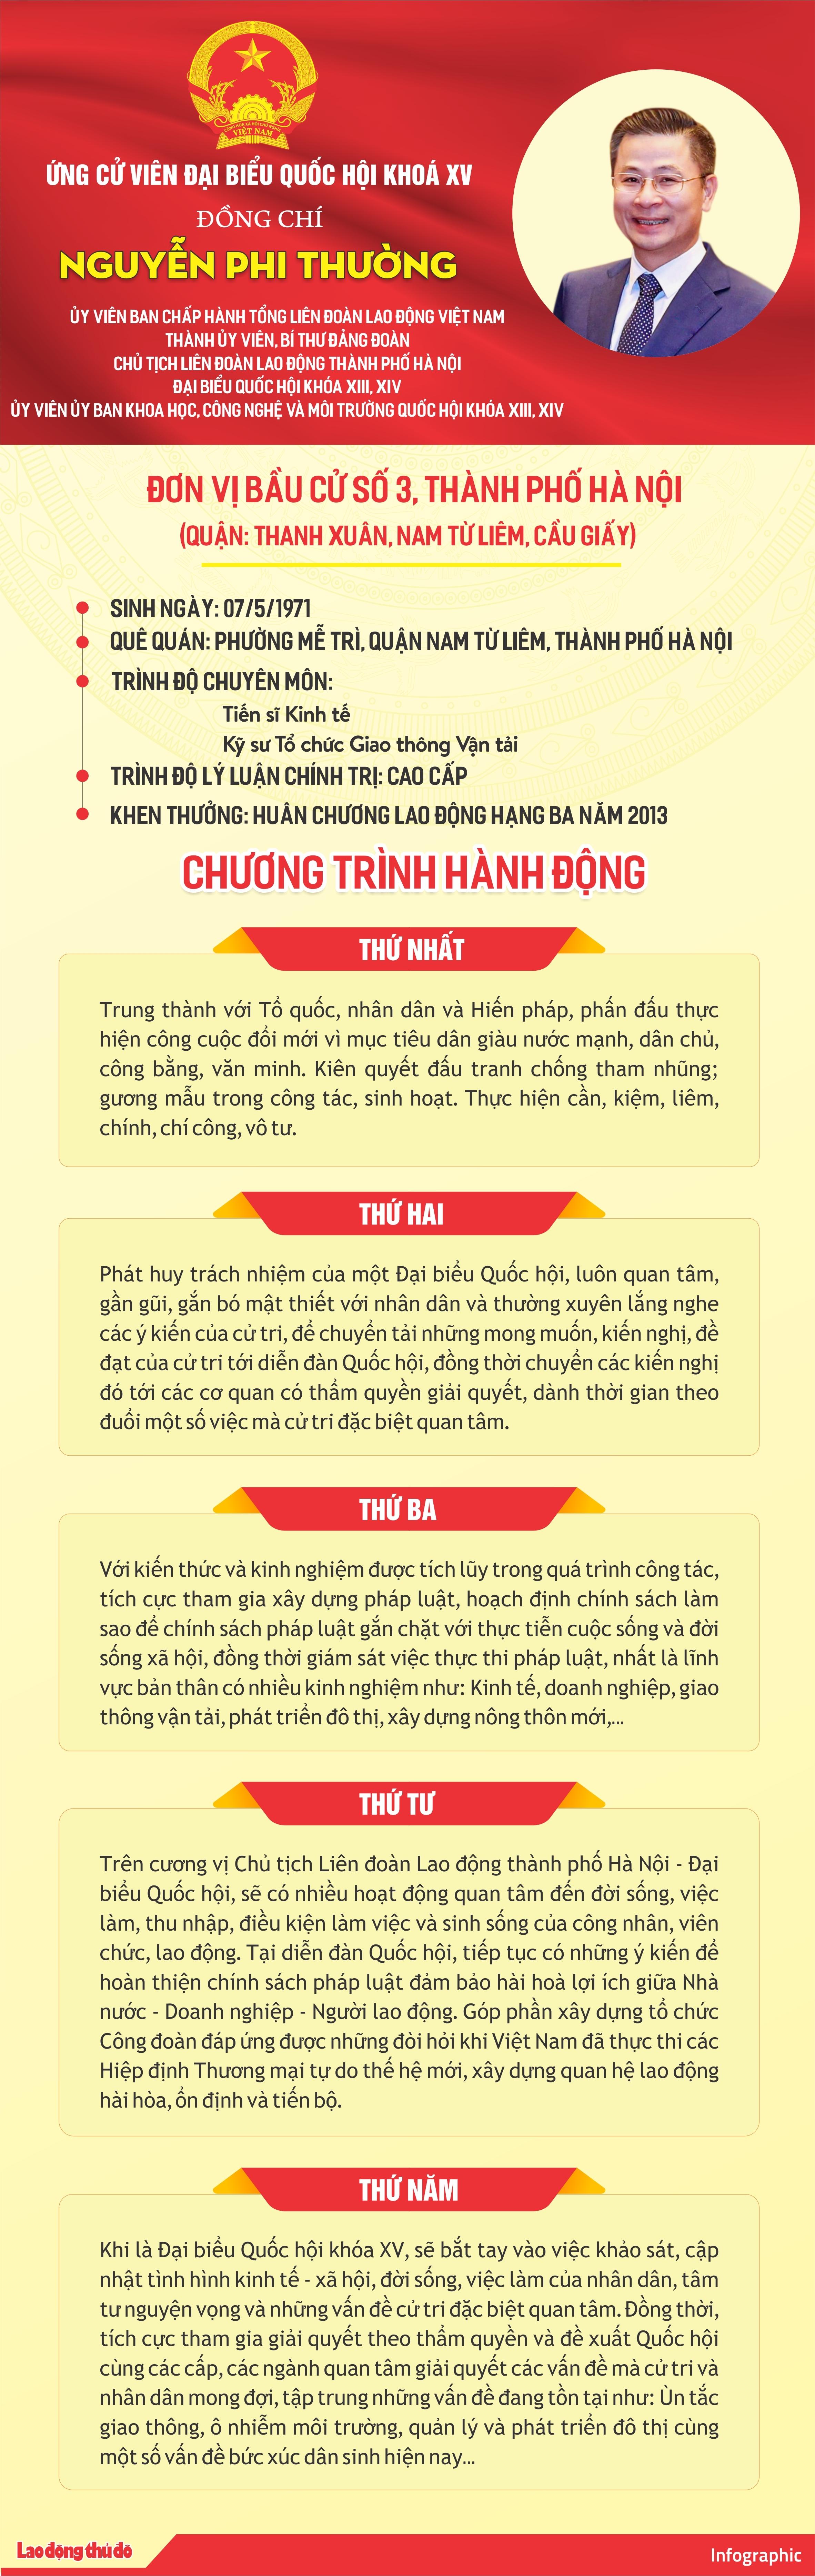 [Infographics] Chương trình hành động của ứng cử viên đại biểu Quốc hội khóa XV Nguyễn Phi Thường